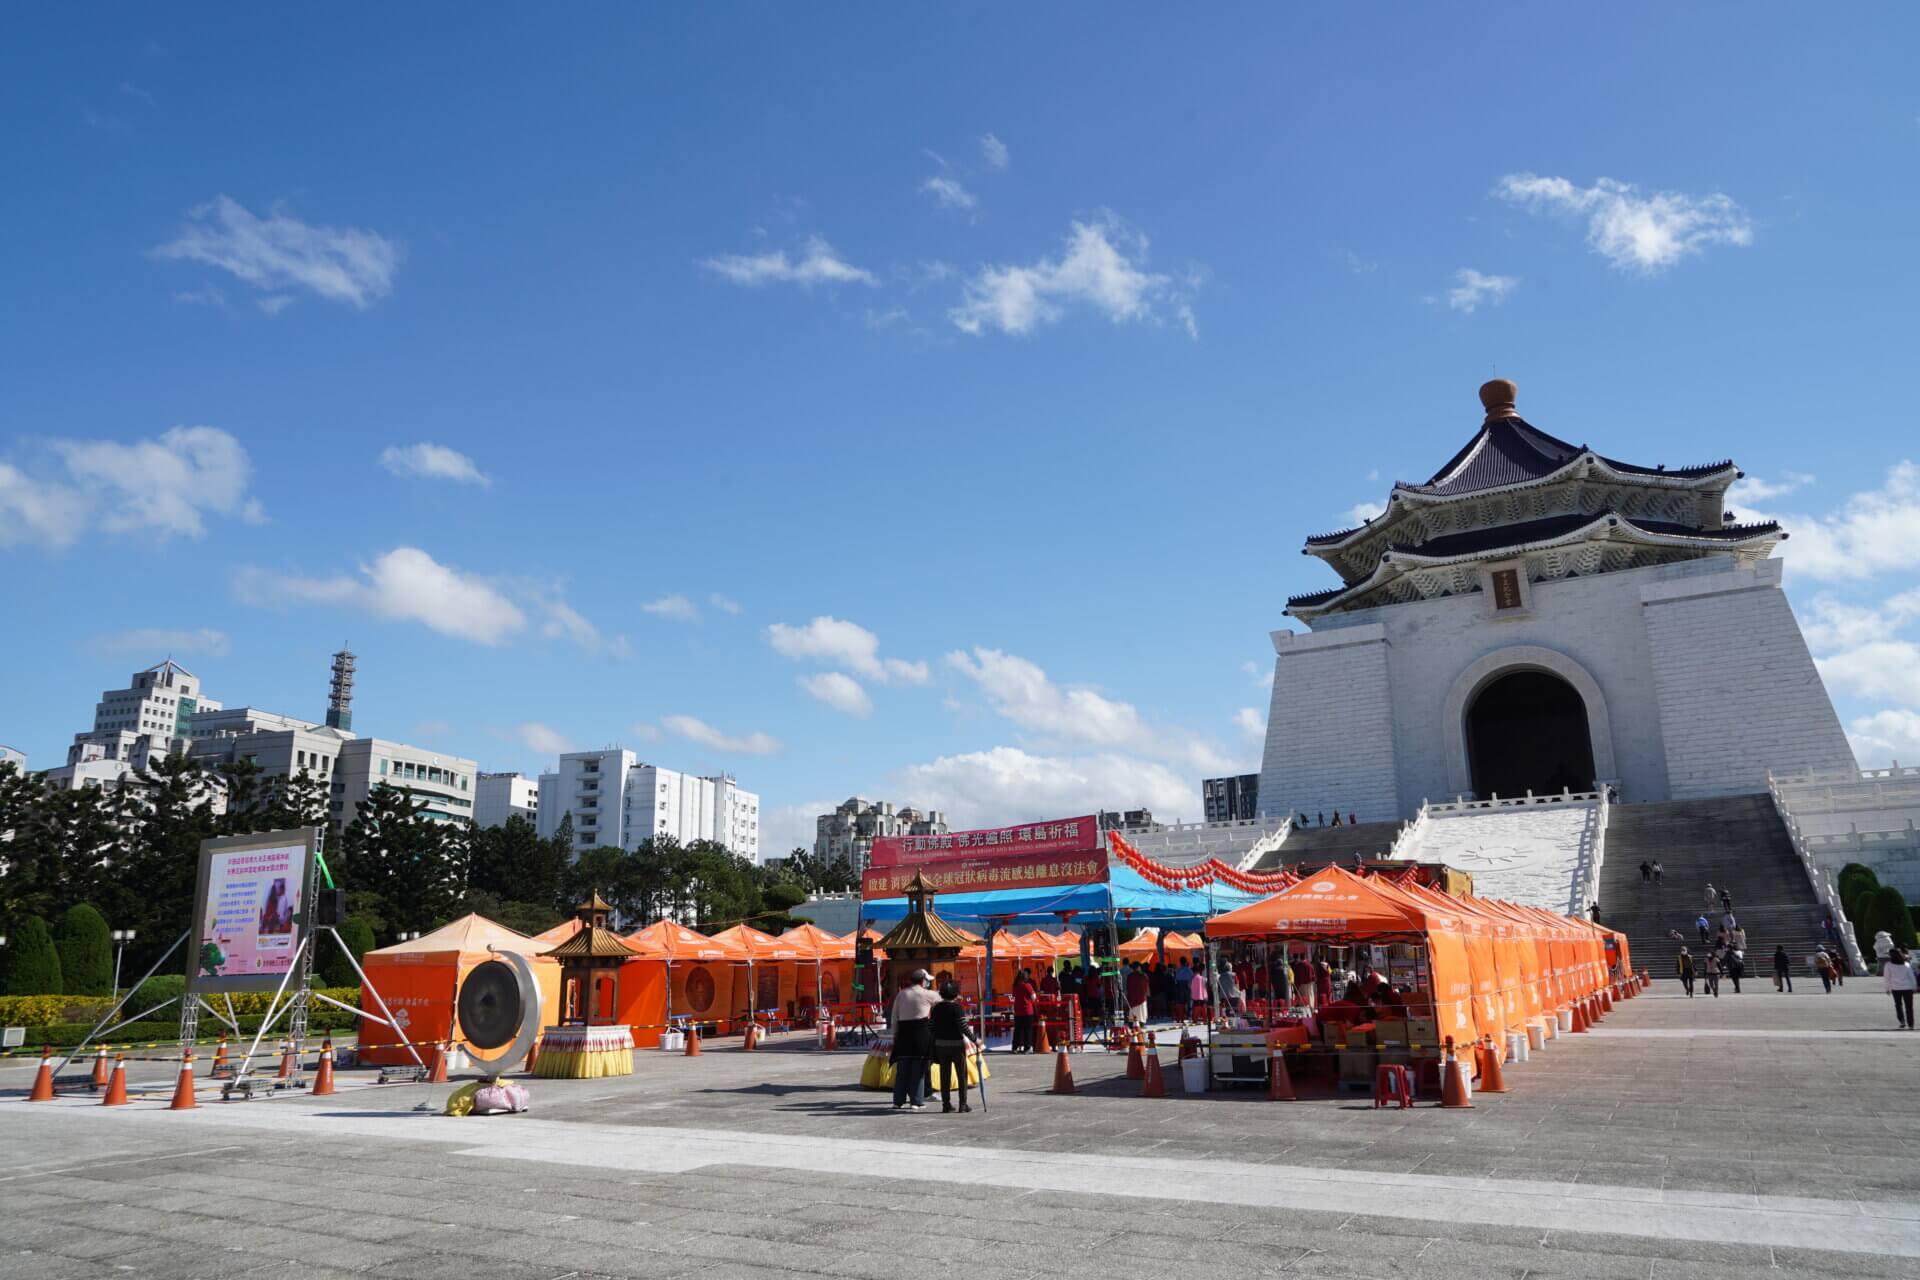 行動佛殿117站重回台北中正紀念堂,啟建全球冠狀病毒流感遠離息沒消災祈福法會